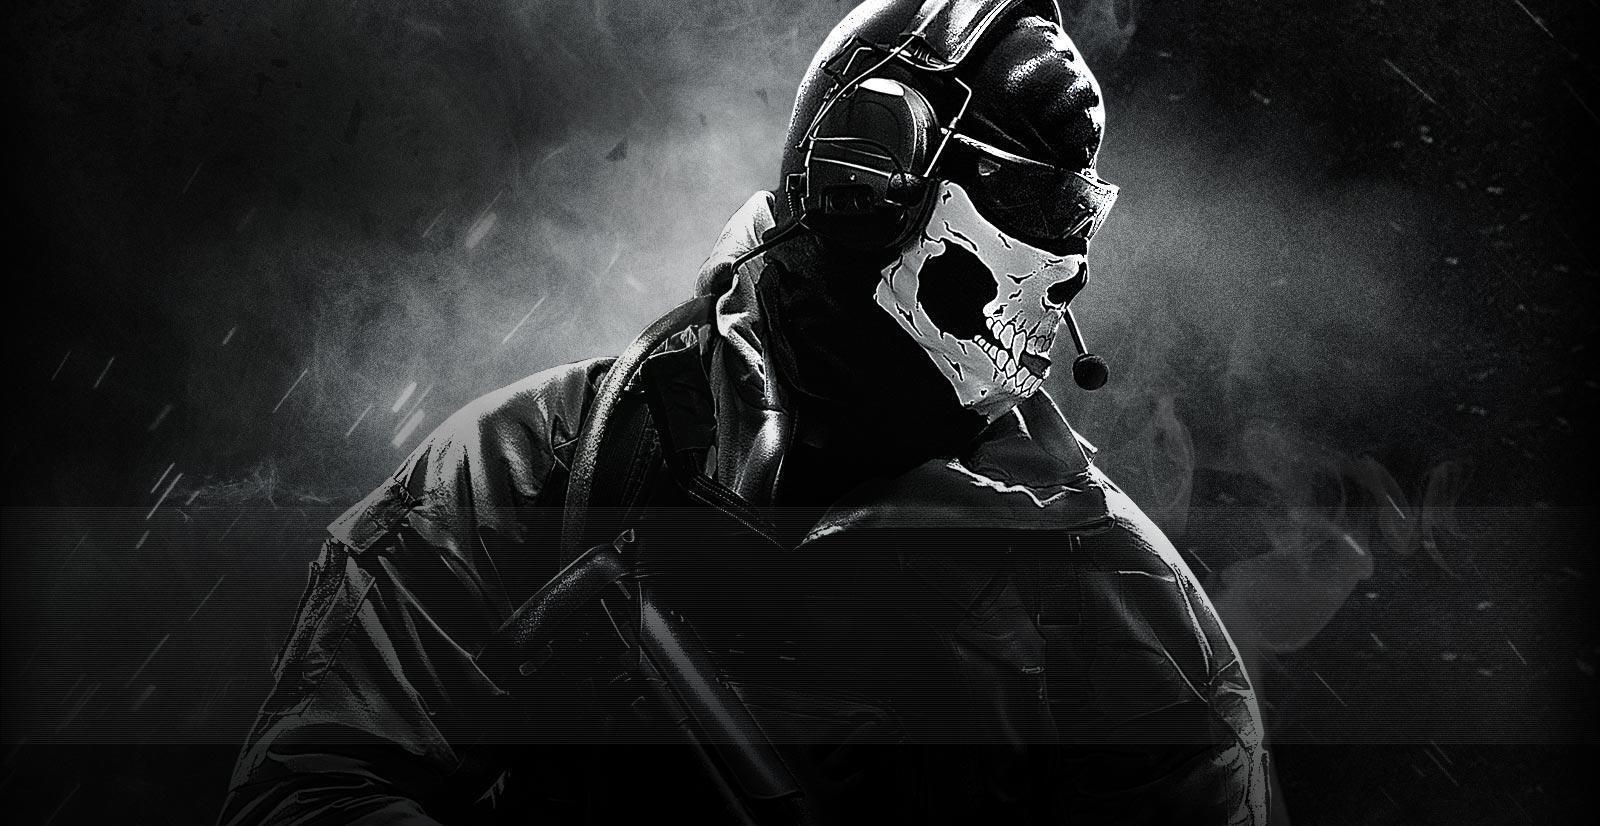 Call Of Duty Modern Warfare 2 Wallpaper Ghost 6328 Hd Wallpapers ...